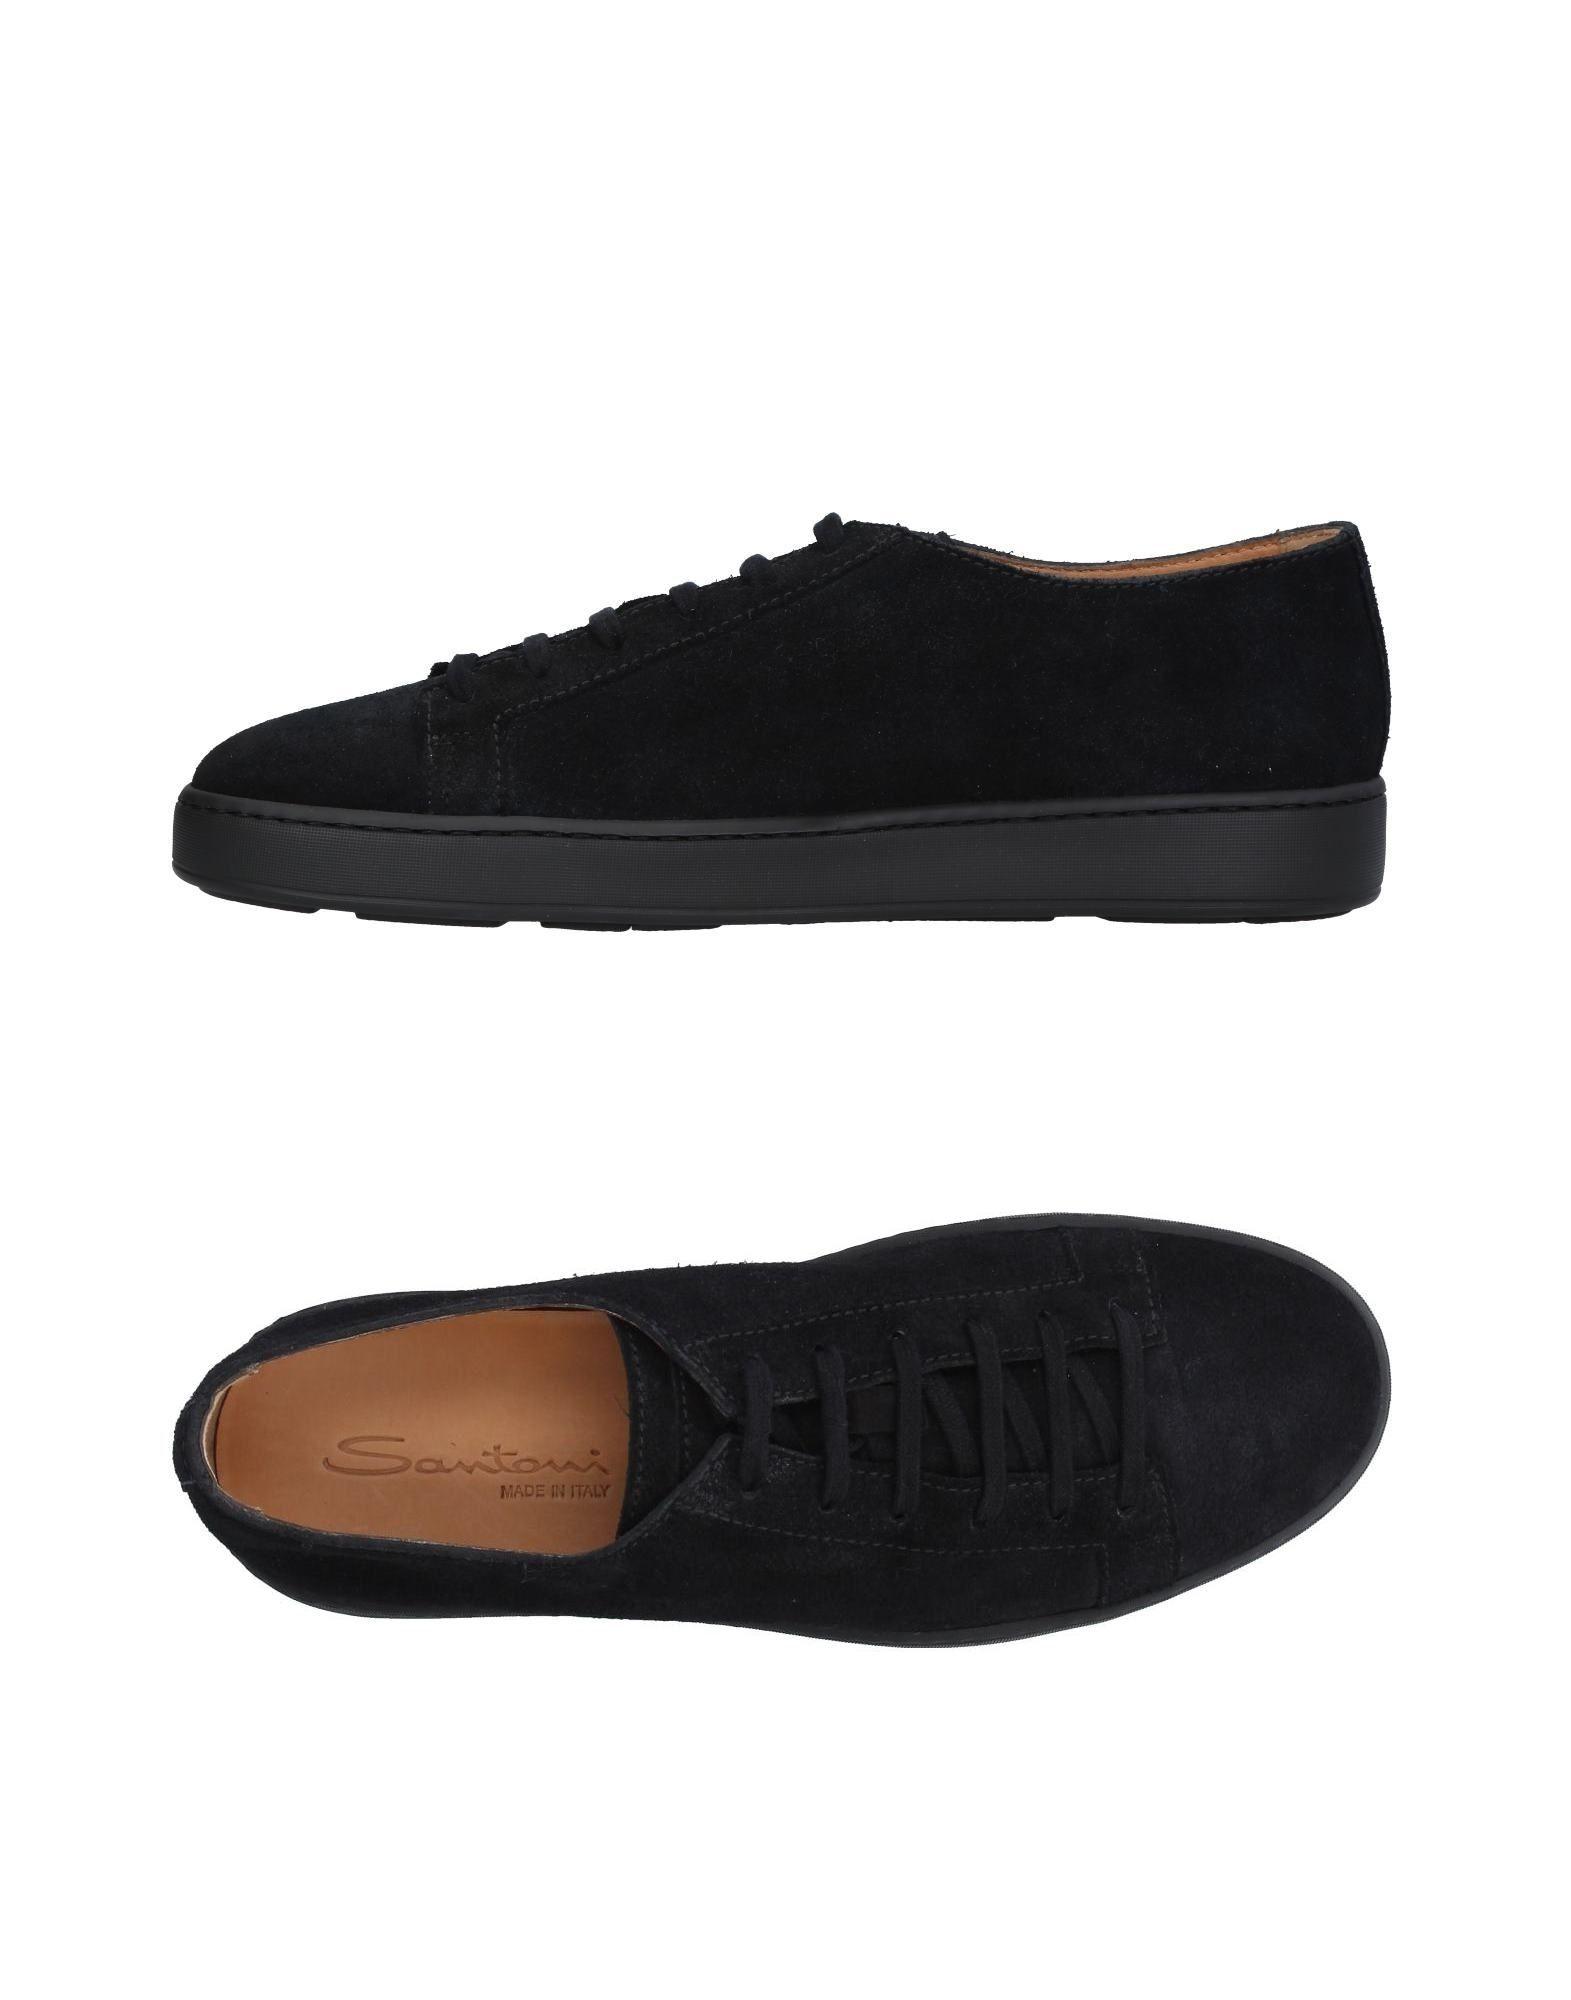 Santoni Sneakers Herren  11409731KN Gute Qualität beliebte Schuhe